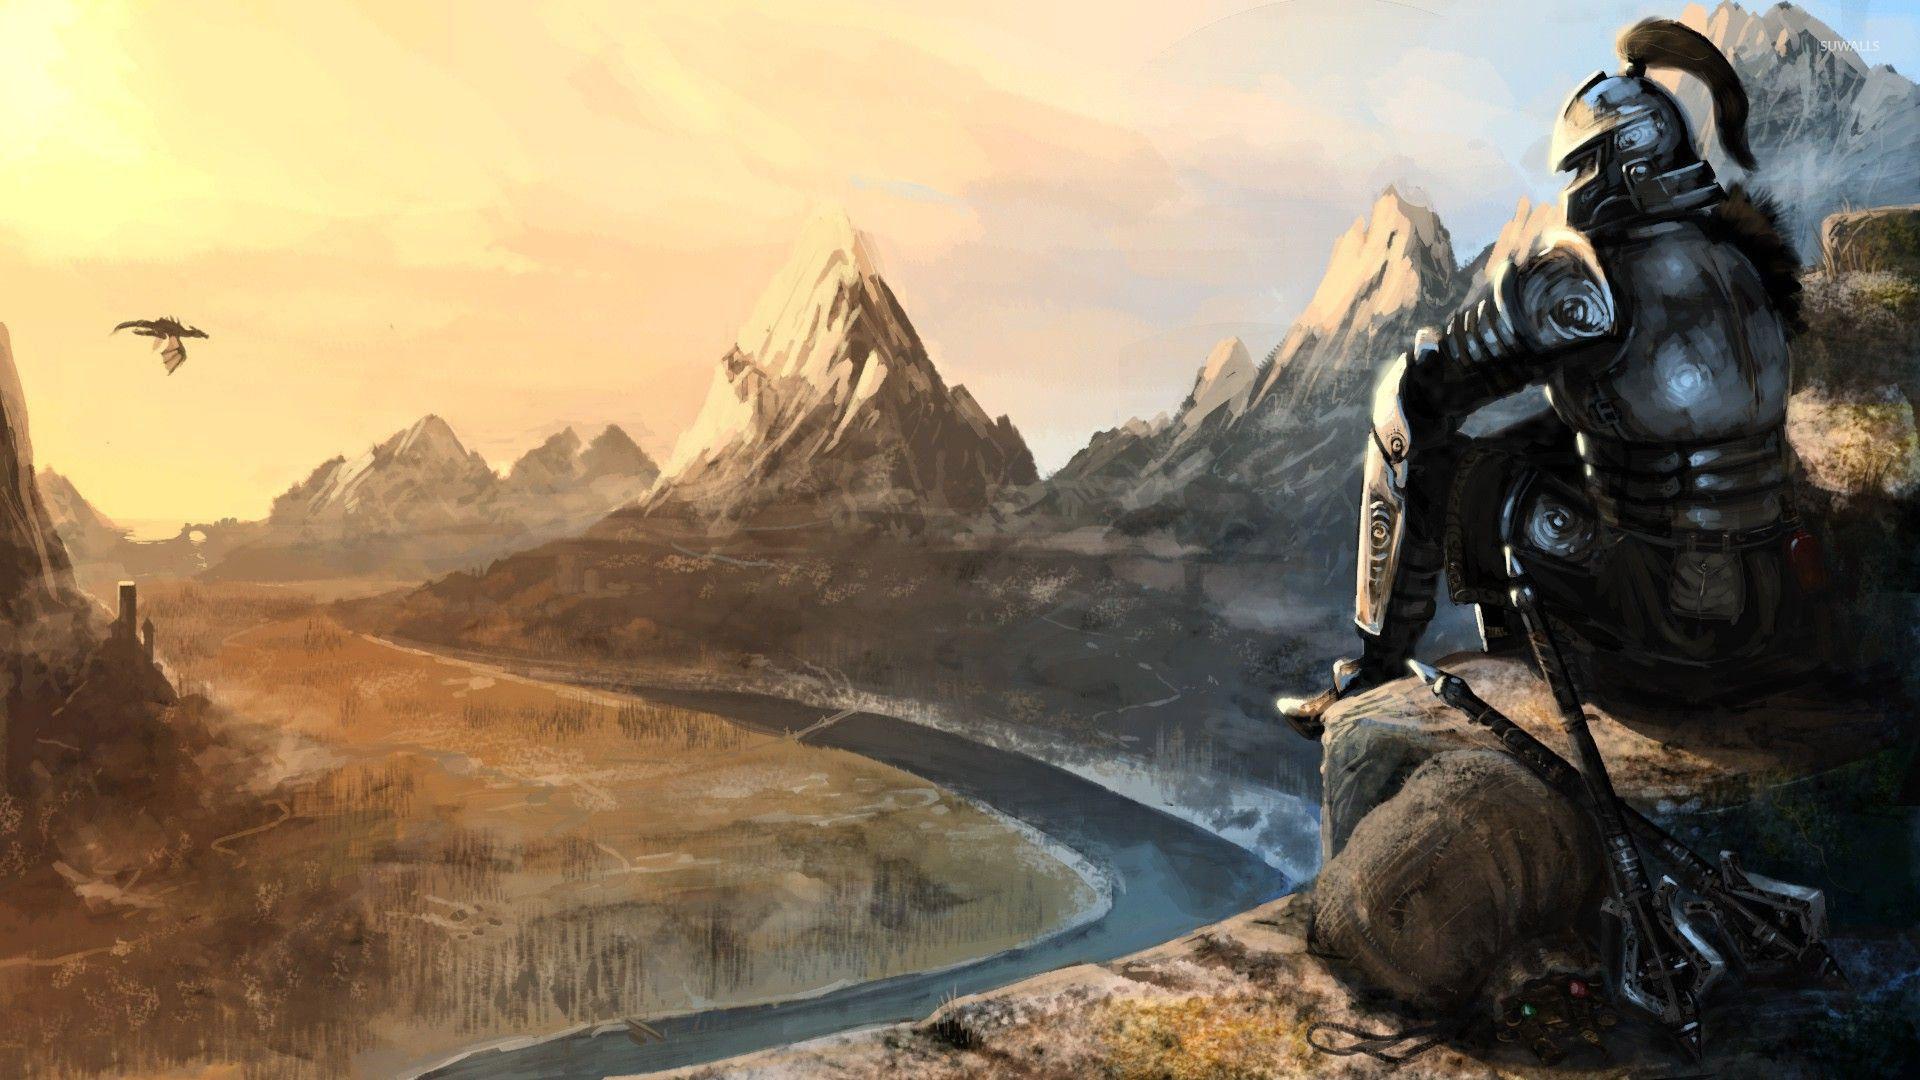 The Elder Scrolls V Skyrim Full HD Wallpaper And Background